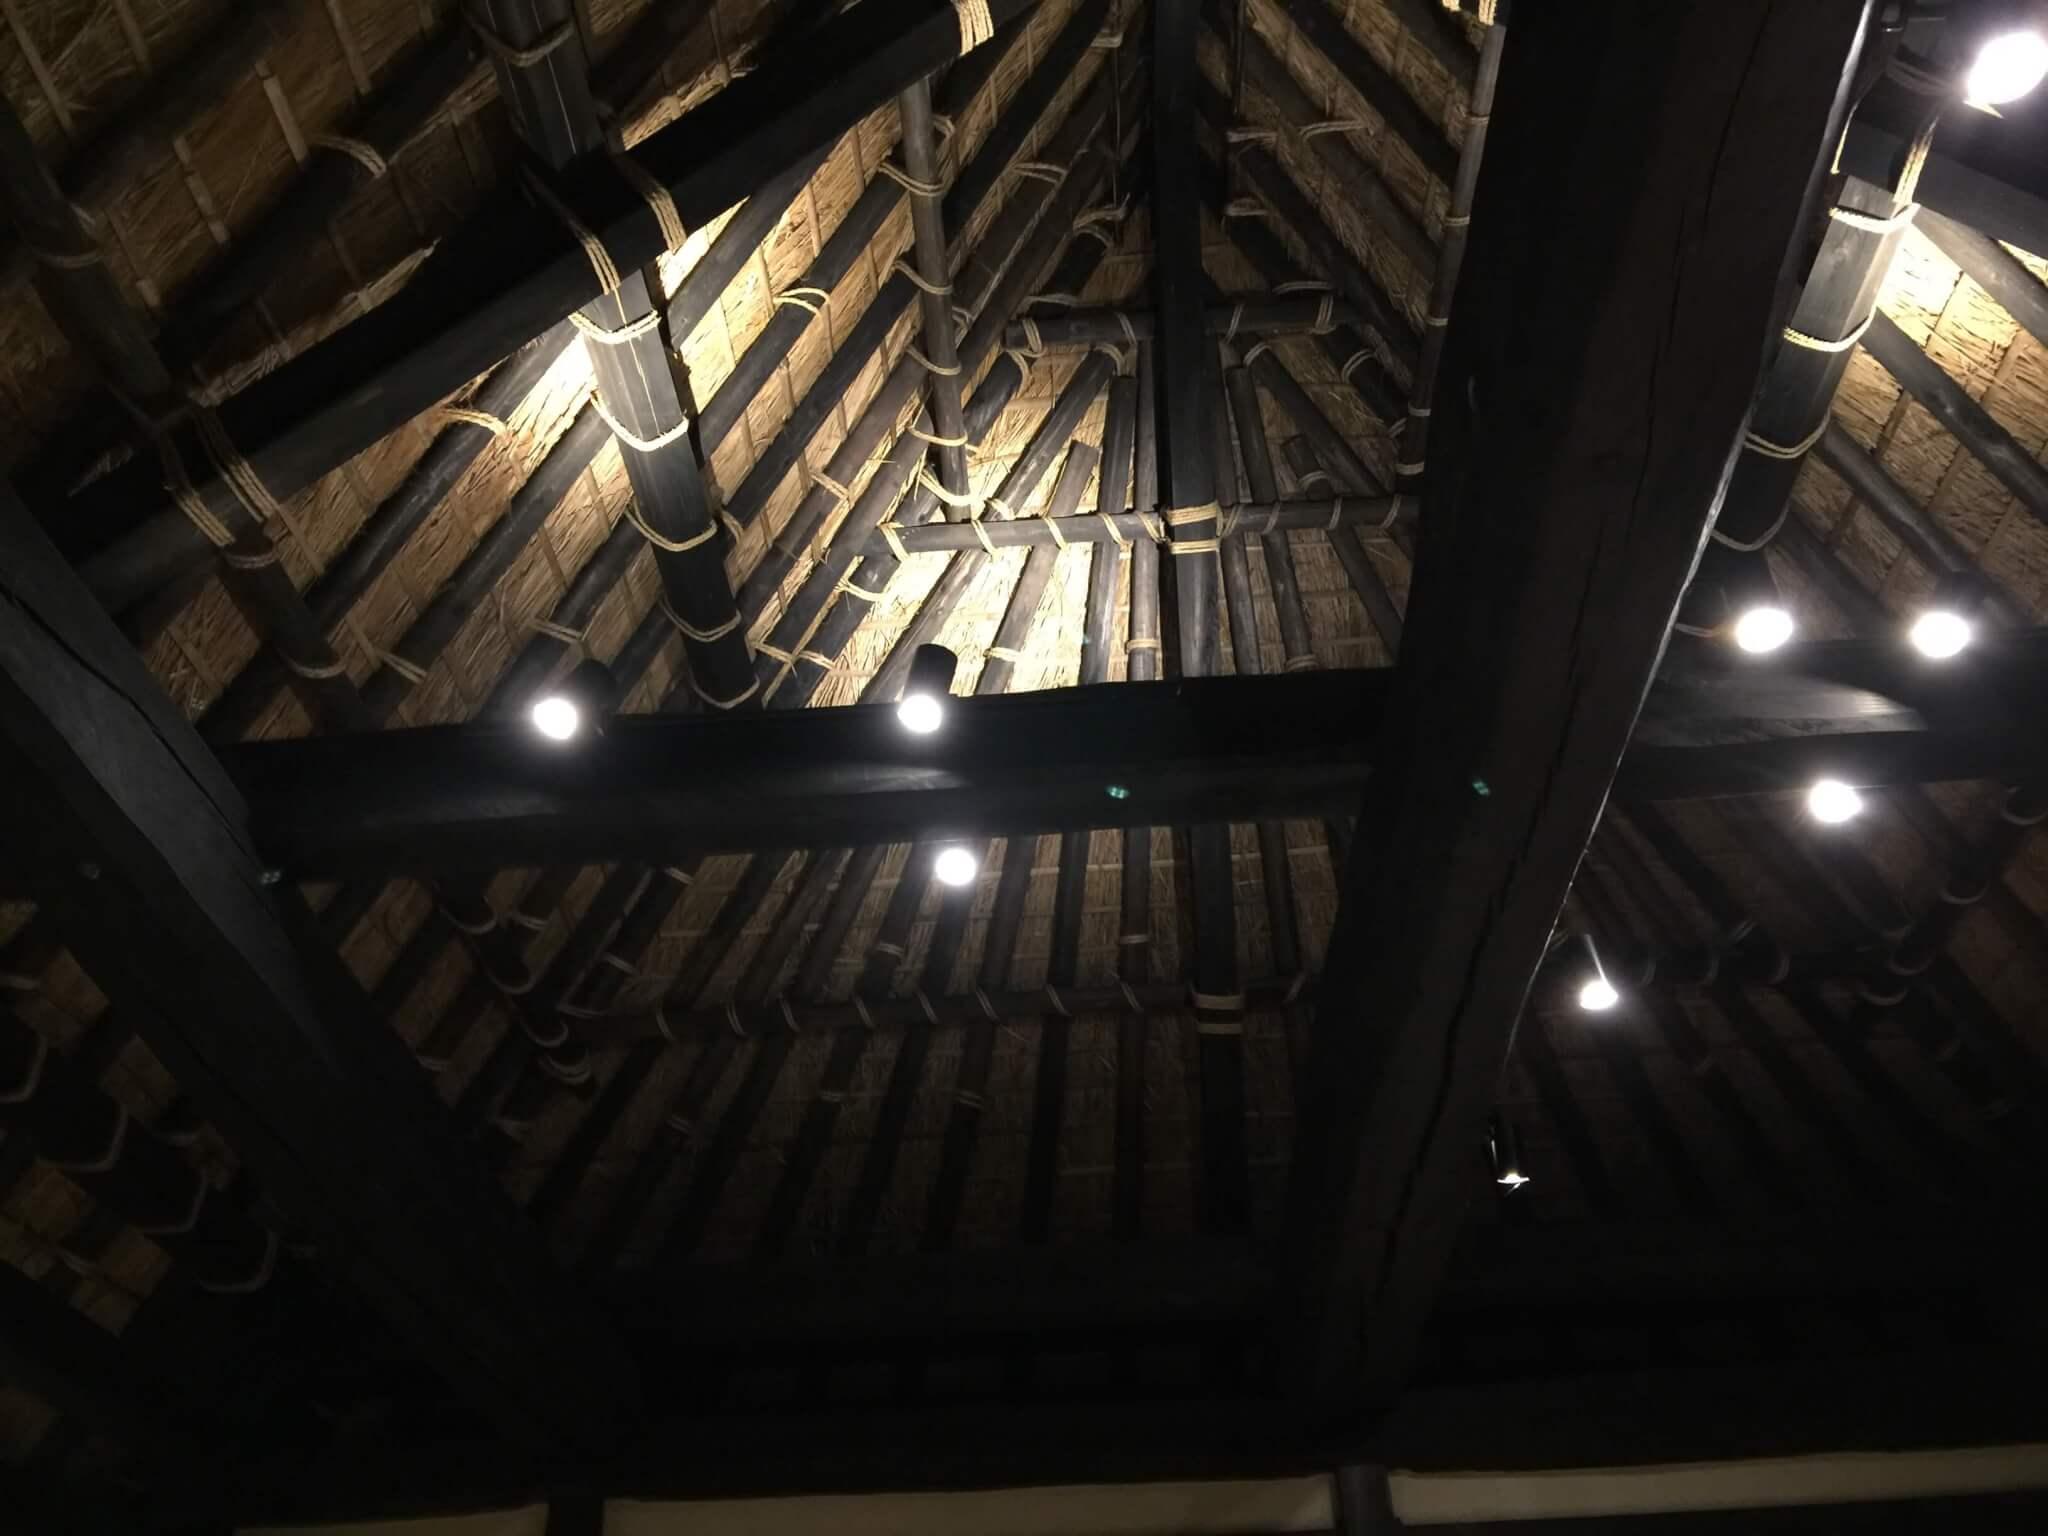 徳島・桃源郷祖谷の山里の天一方の建物の中から見た天井